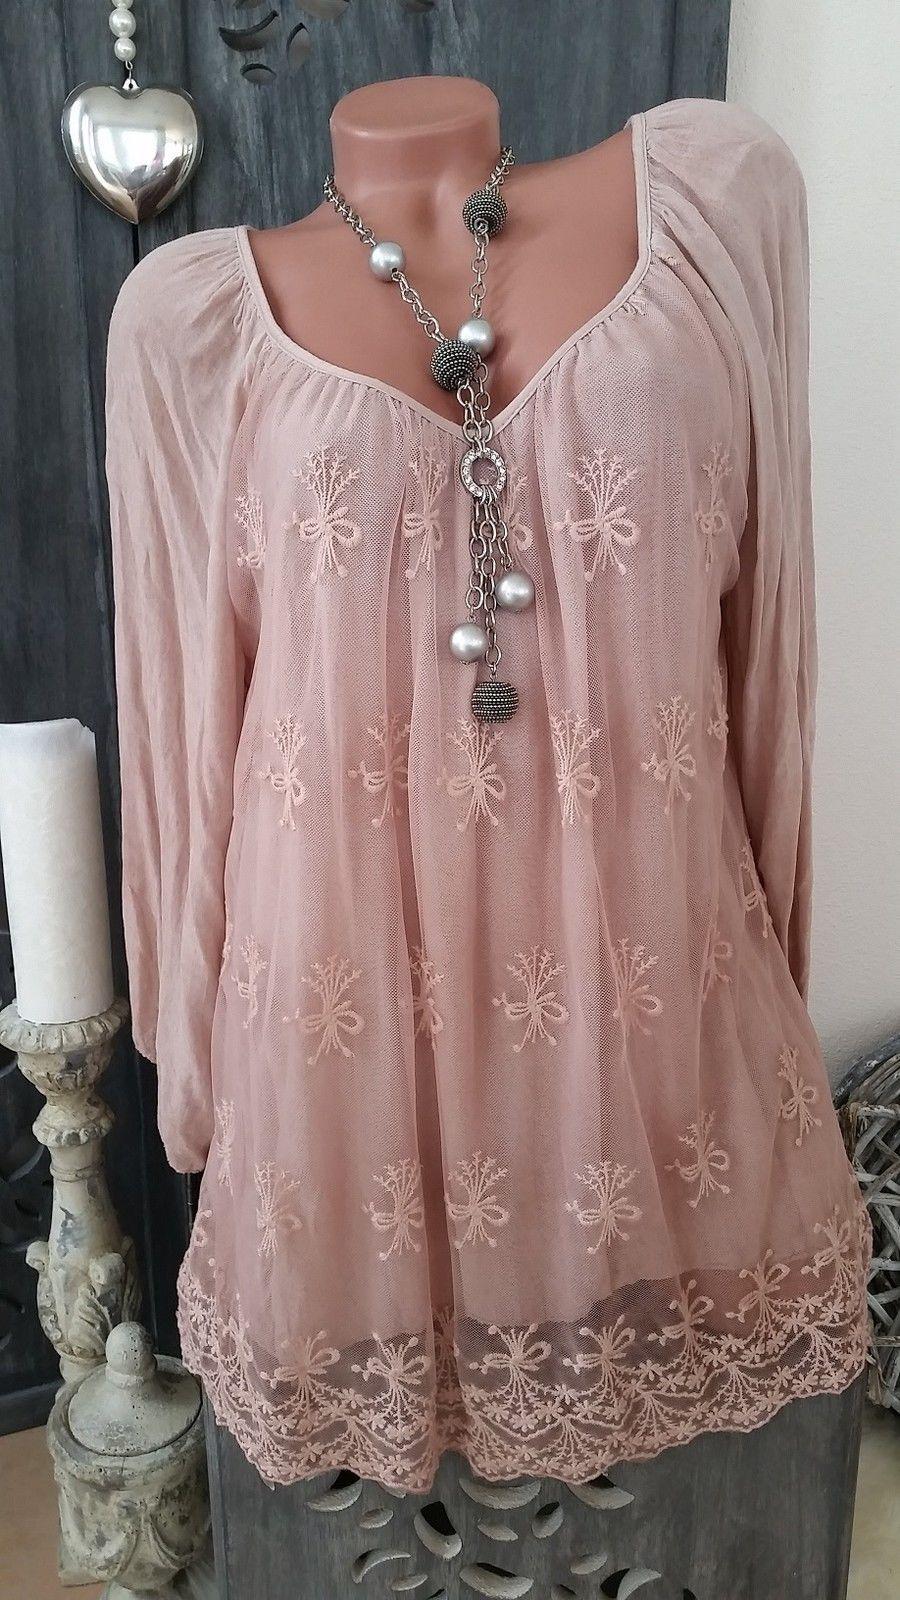 Tunika Kleid Hakelspitze Lagenlook Stickerei Beige Creme Neu Italy 42 44 46 Tunika Kleid Tunika Kleider